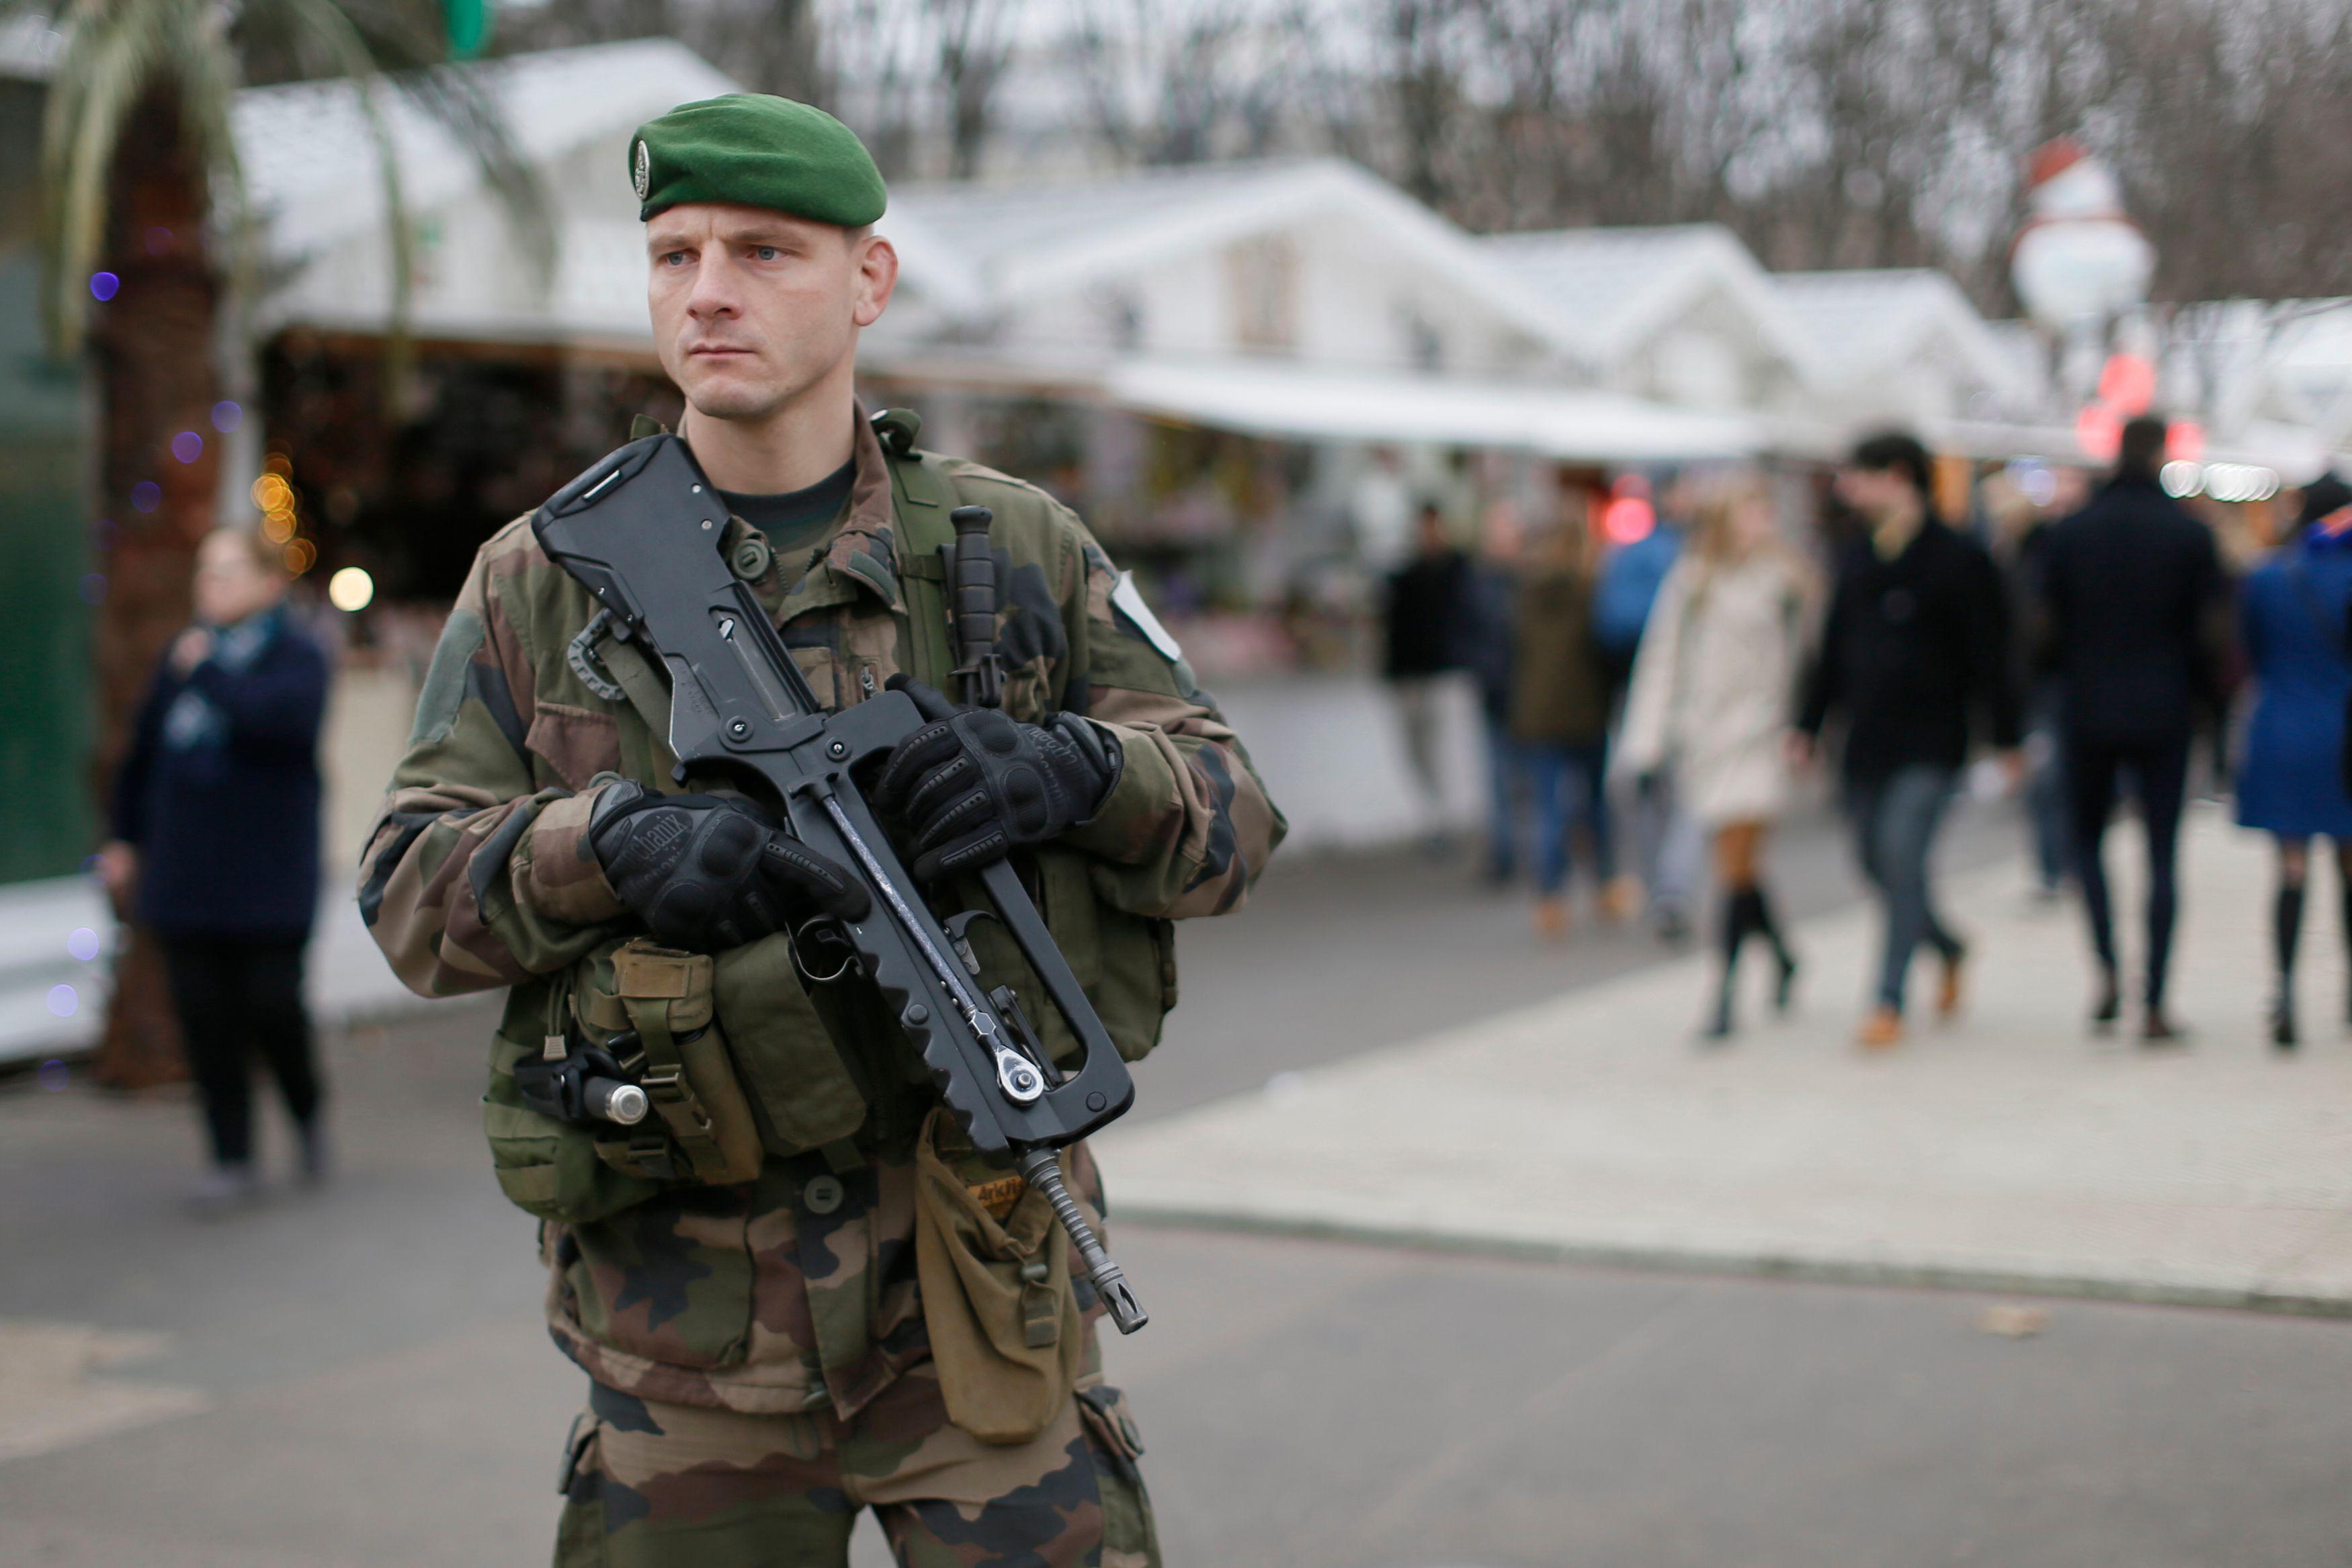 Un militaire français patrouillant devant la tour Eiffel.